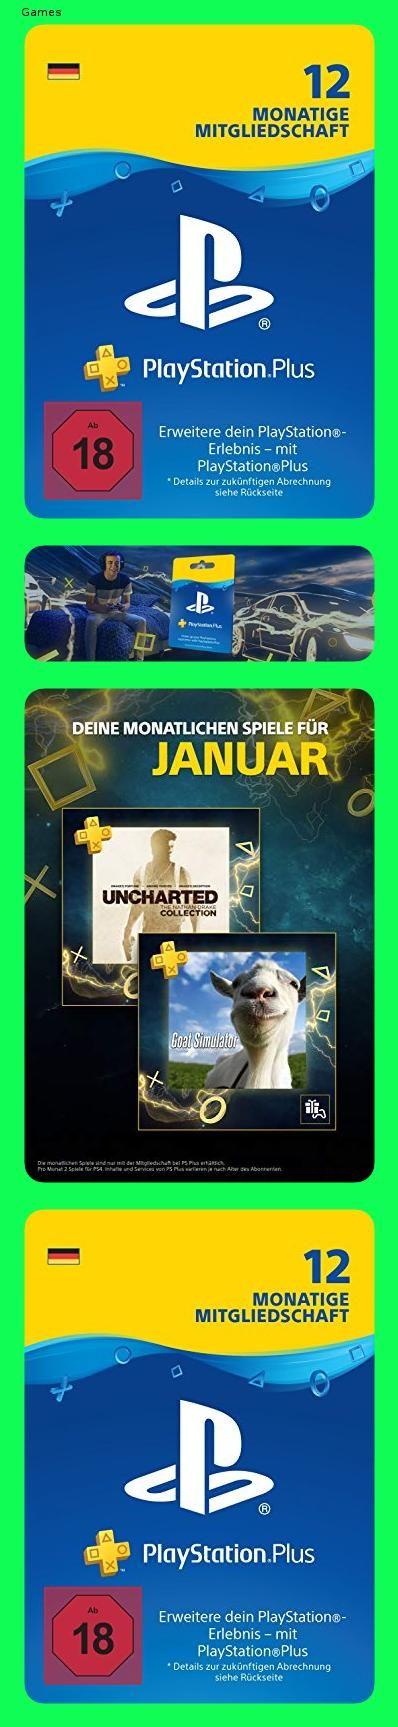 Playstation Plus Mitgliedschaft 12 Monate Deutsches Konto Ps4 Download Code 147o In 2020 Monate Deutsch Playstation Ps4